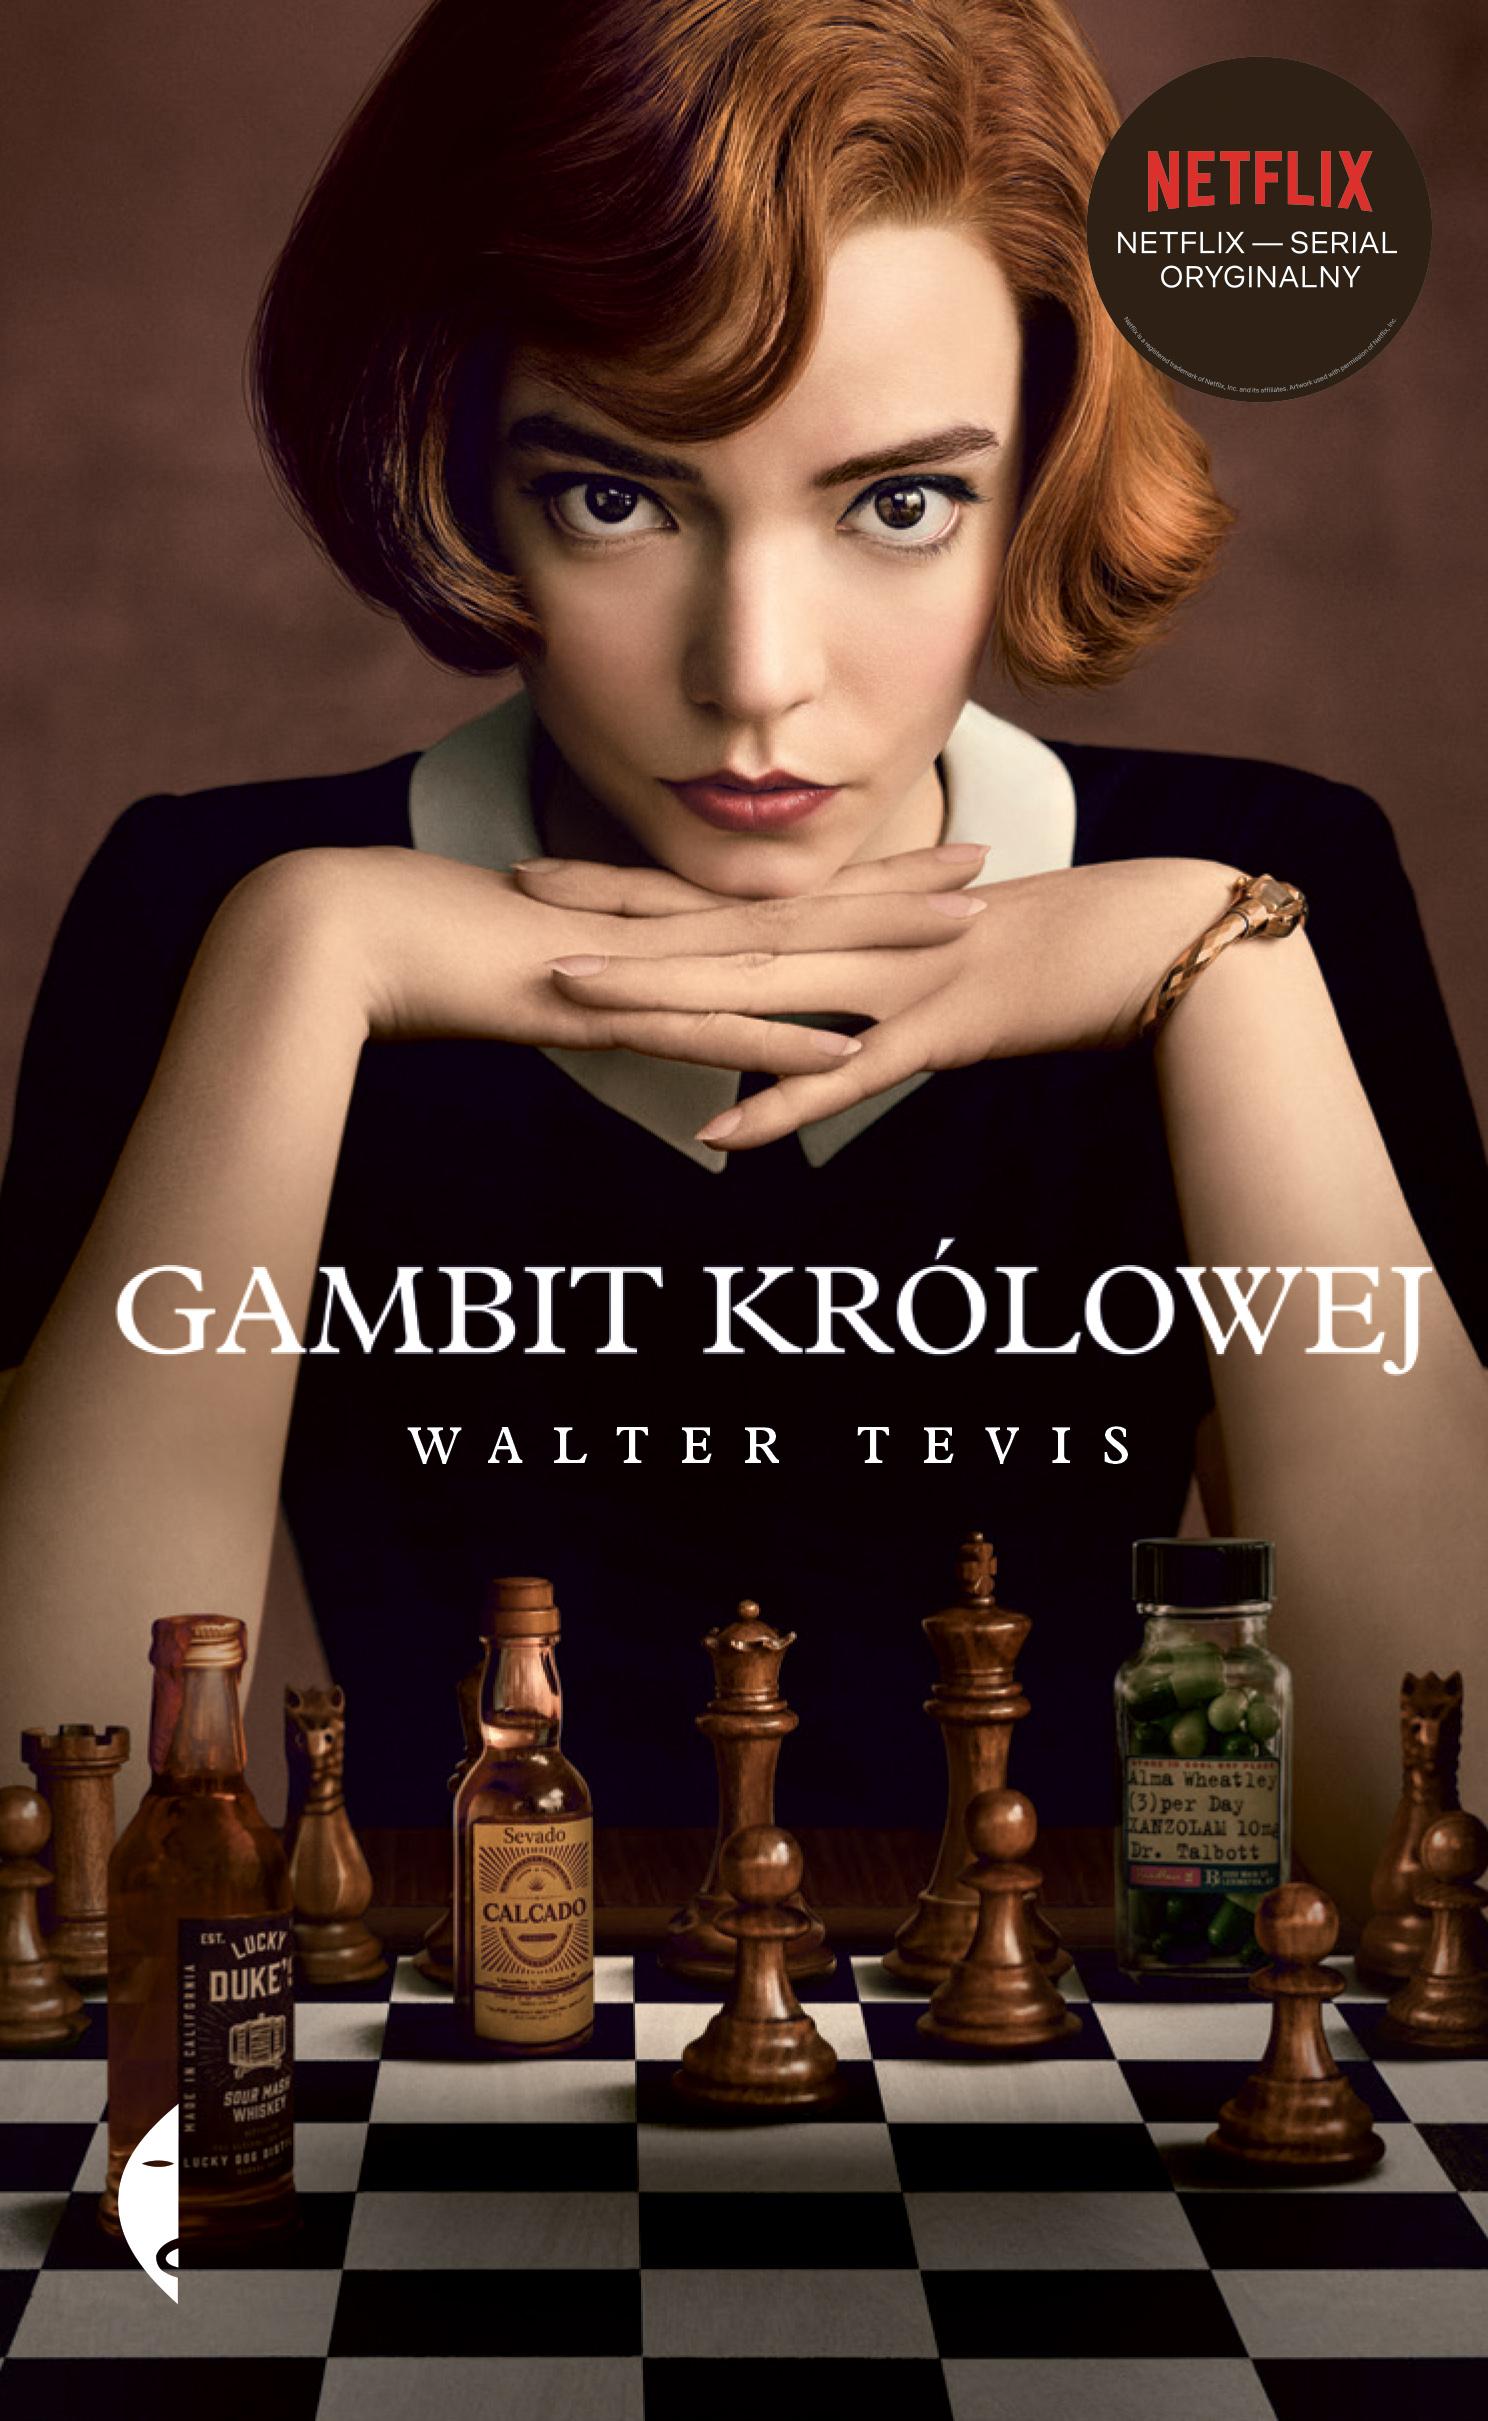 Gambit królowej - Wydawnictwo Czarne